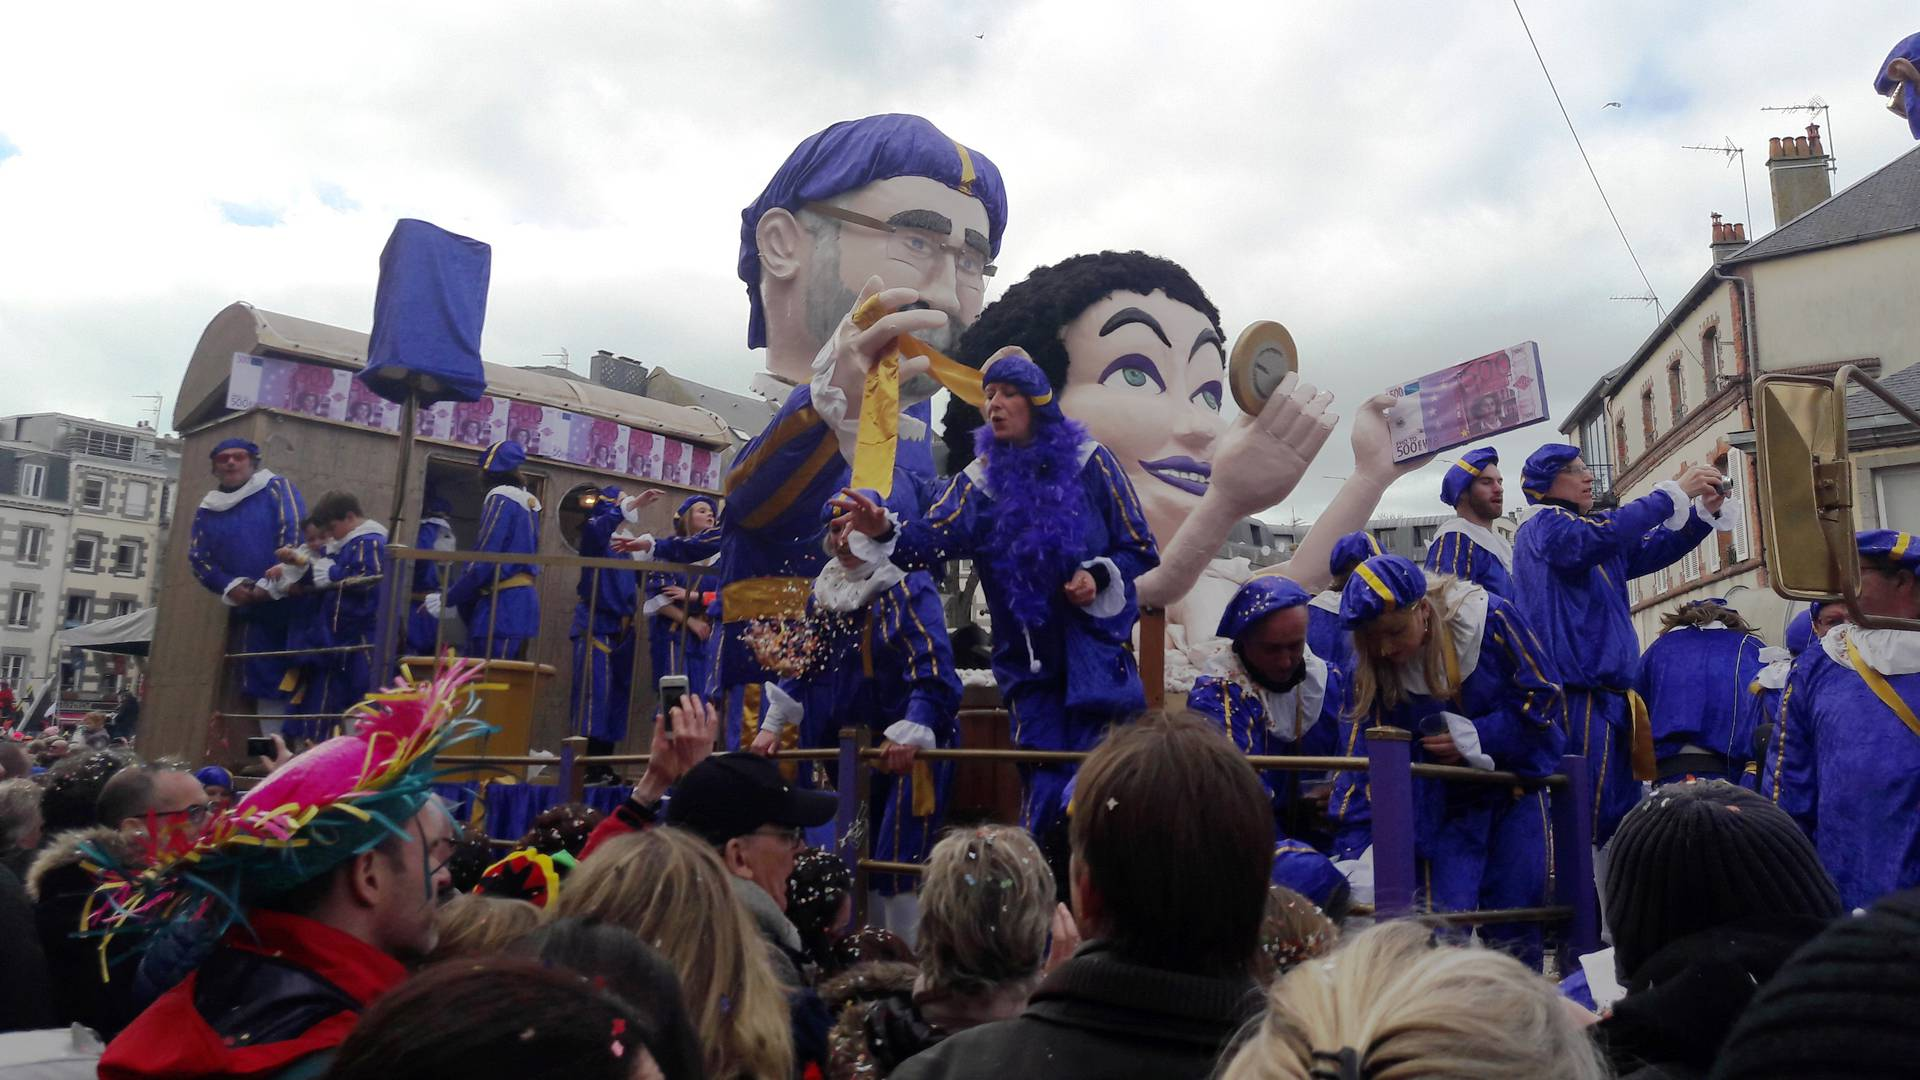 Carnaval de Granville 2017 - Cavalcade du Dimanche